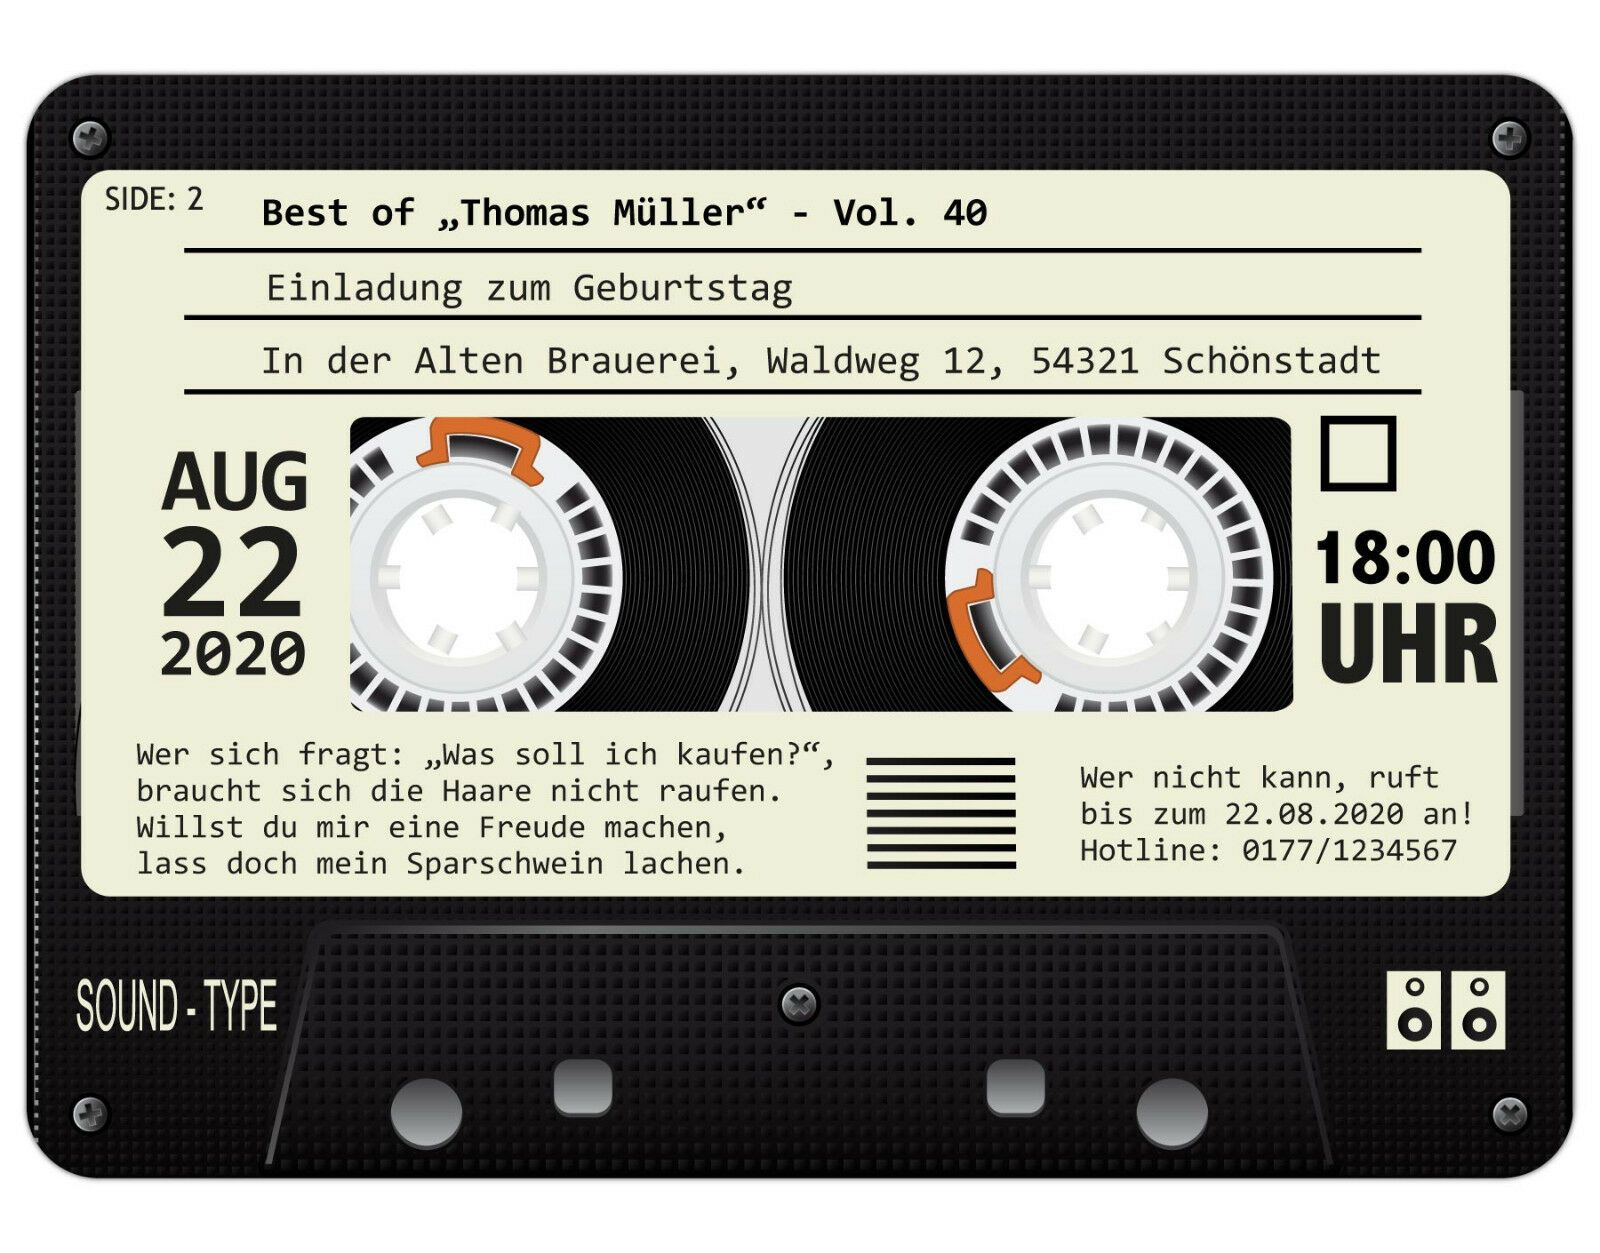 Metalliceffekt Einladungskarten Zum Geburtstag Als Kassette 80er 90er Retro Ebay In 2020 Geburtstagseinladungskarten Einladungskarten Geburtstag Einladungen